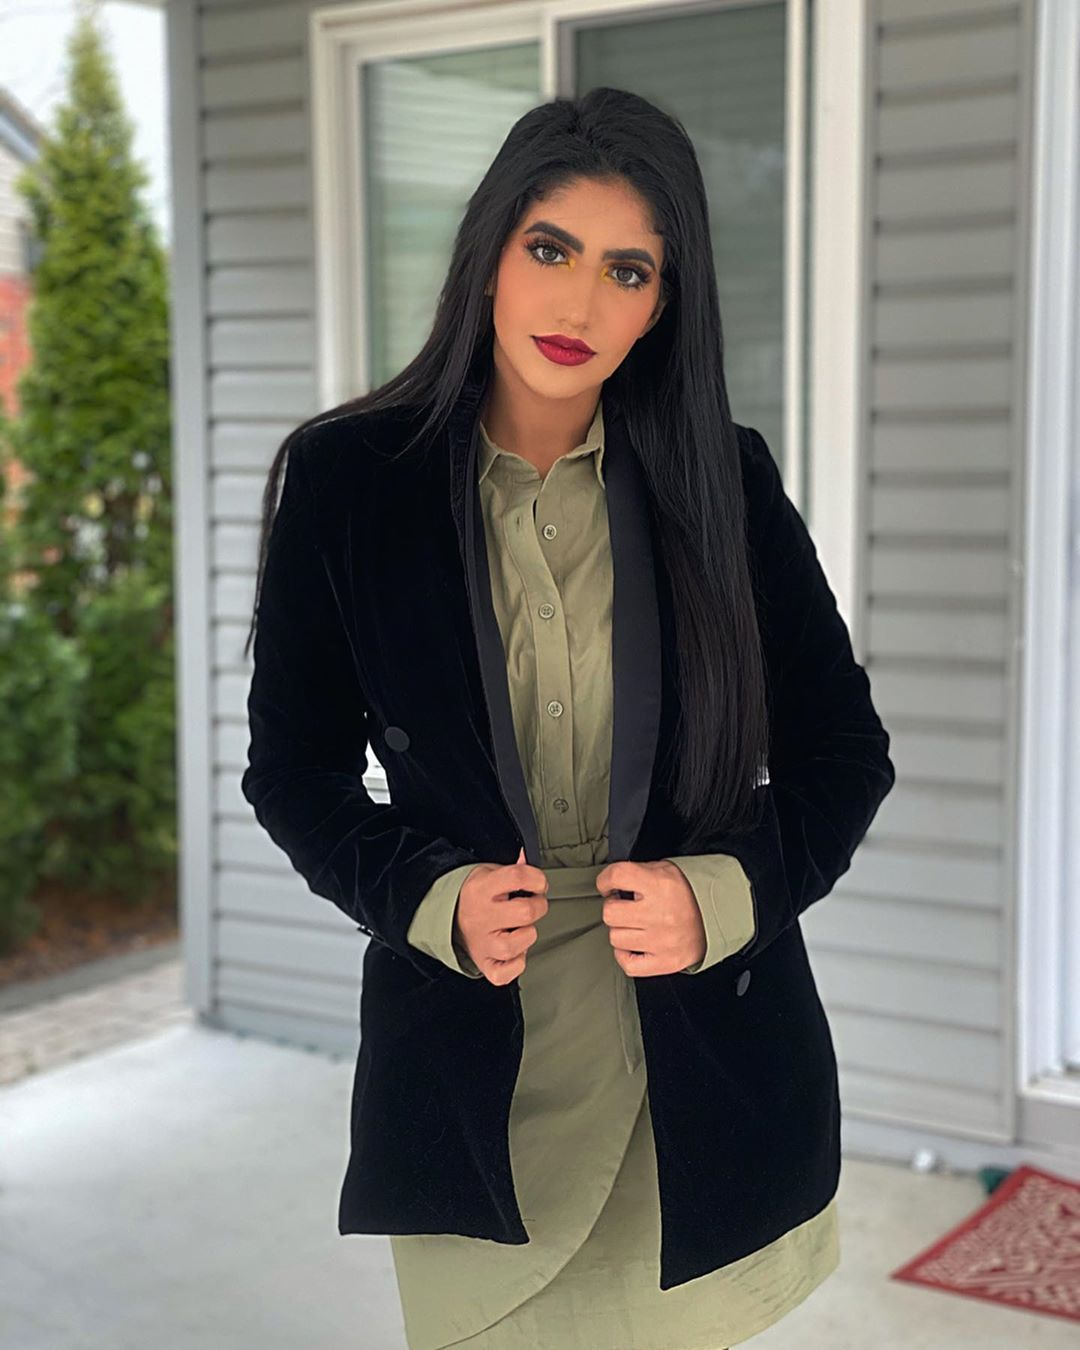 نور ستارز Noor Stars On Instagram التجارة الحقيقية هالأيام شوفوا تاني صورة سؤال كم مرة بتسمعوا كلمة كورونا باليوم Clothes Arab Girls Women S Blazer